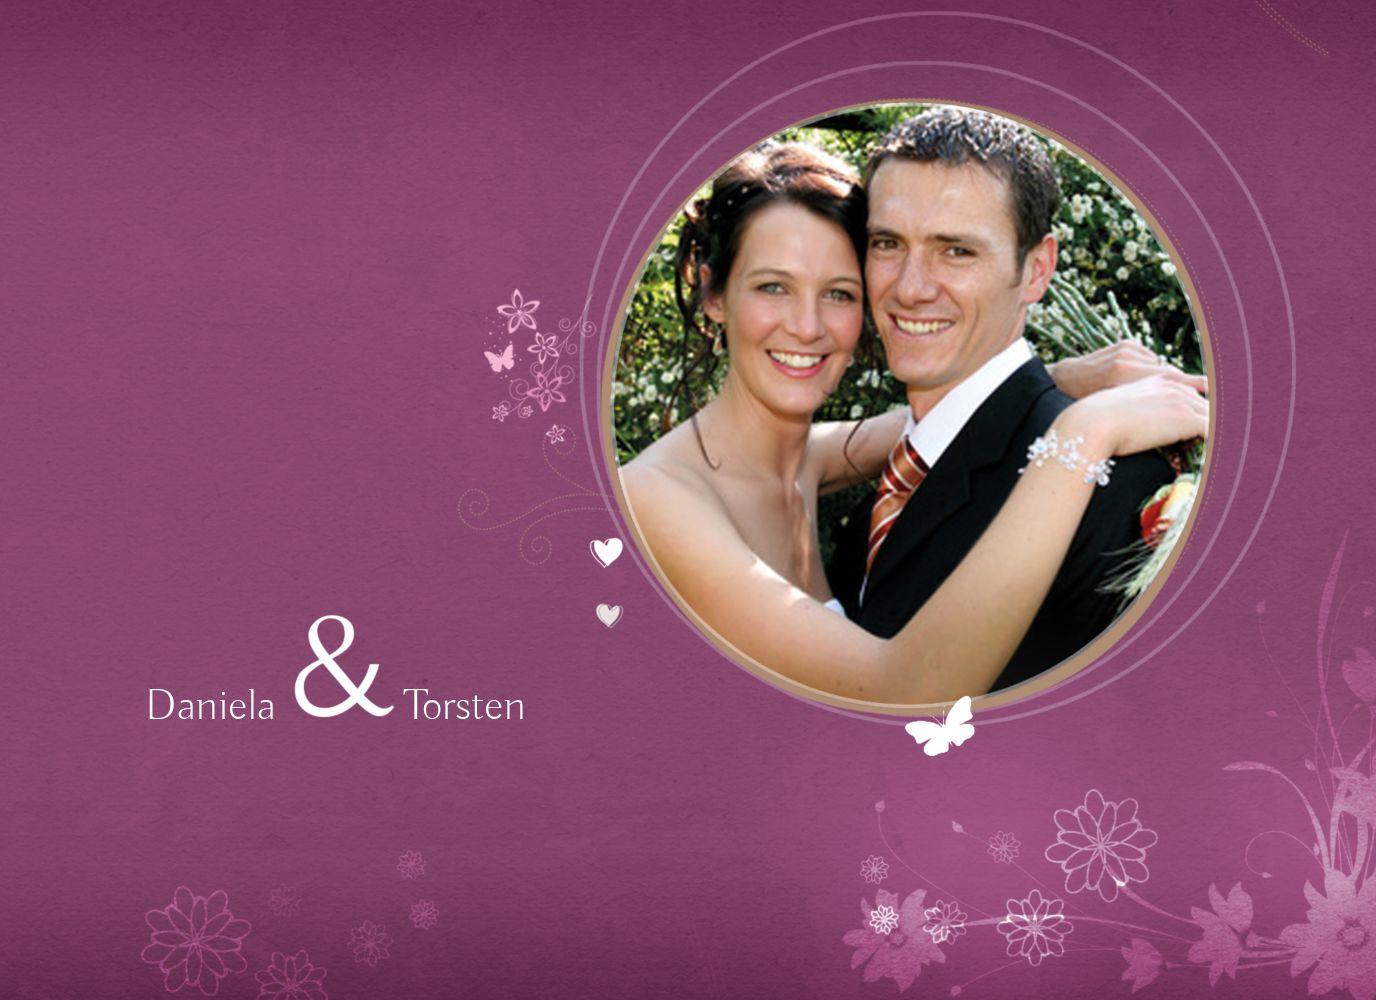 Ansicht 3 - Hochzeit Danke 3 Liebeserfüllung